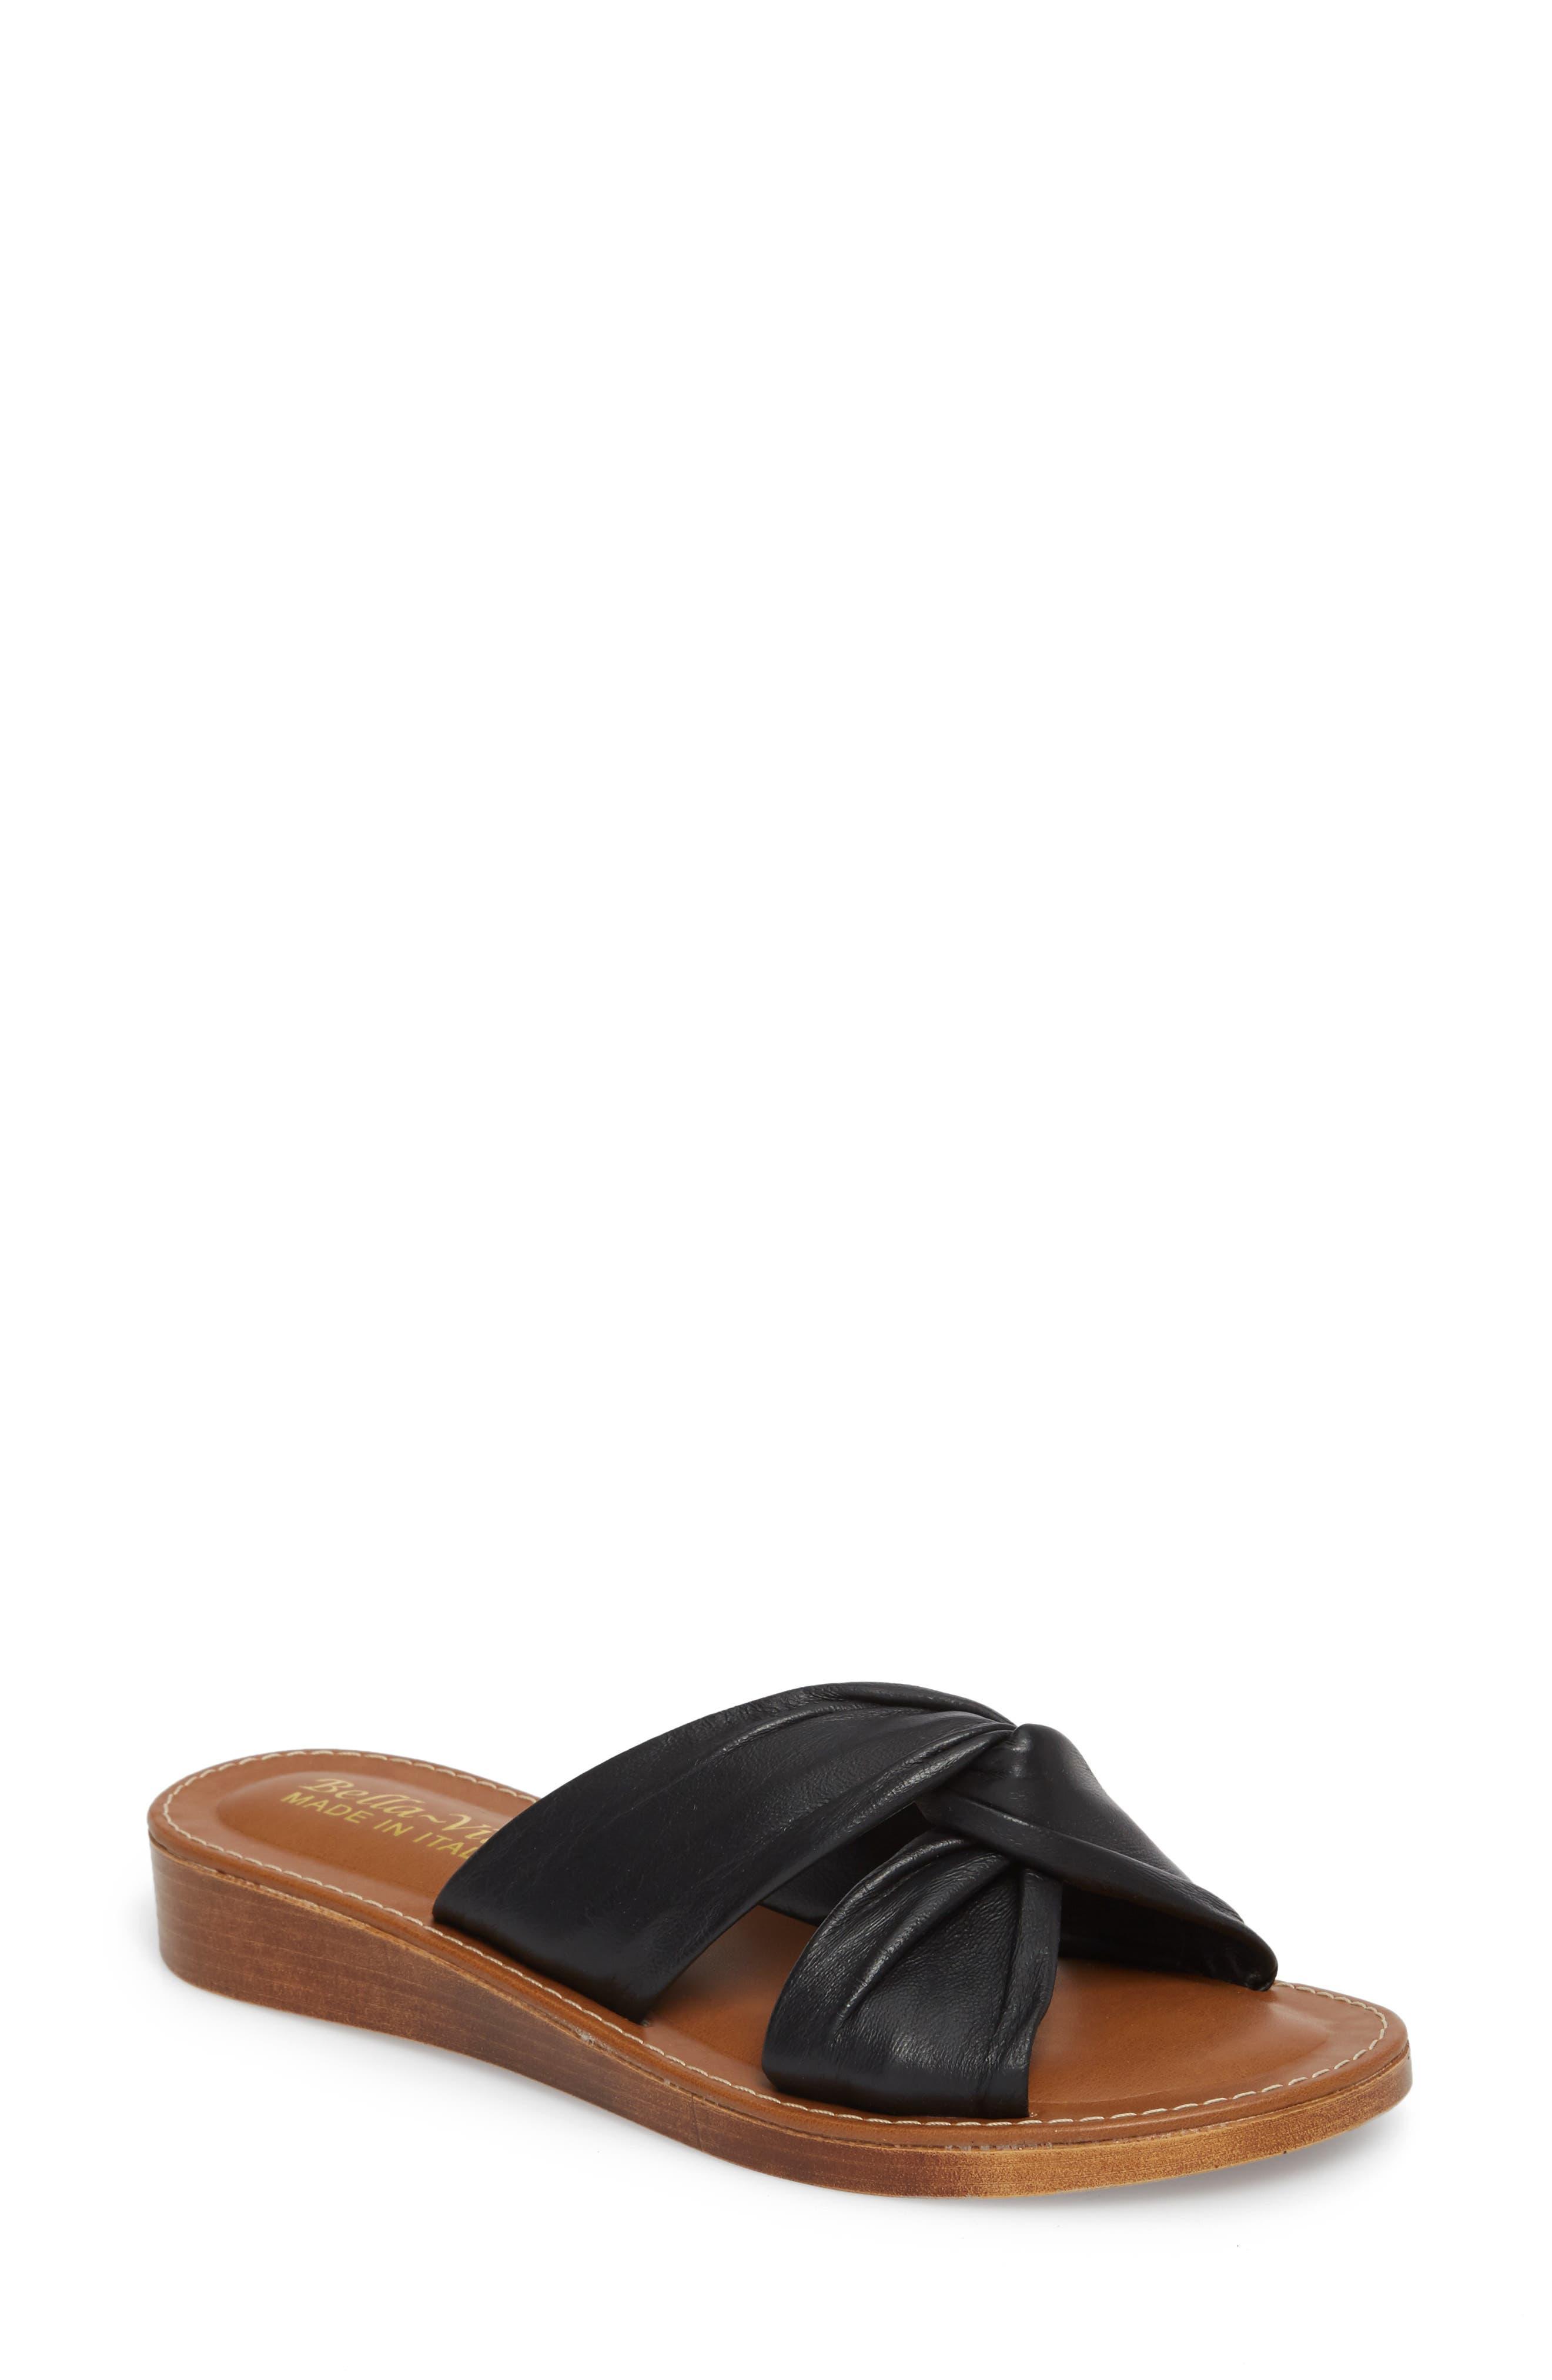 Noa Slide Sandal,                         Main,                         color, 001